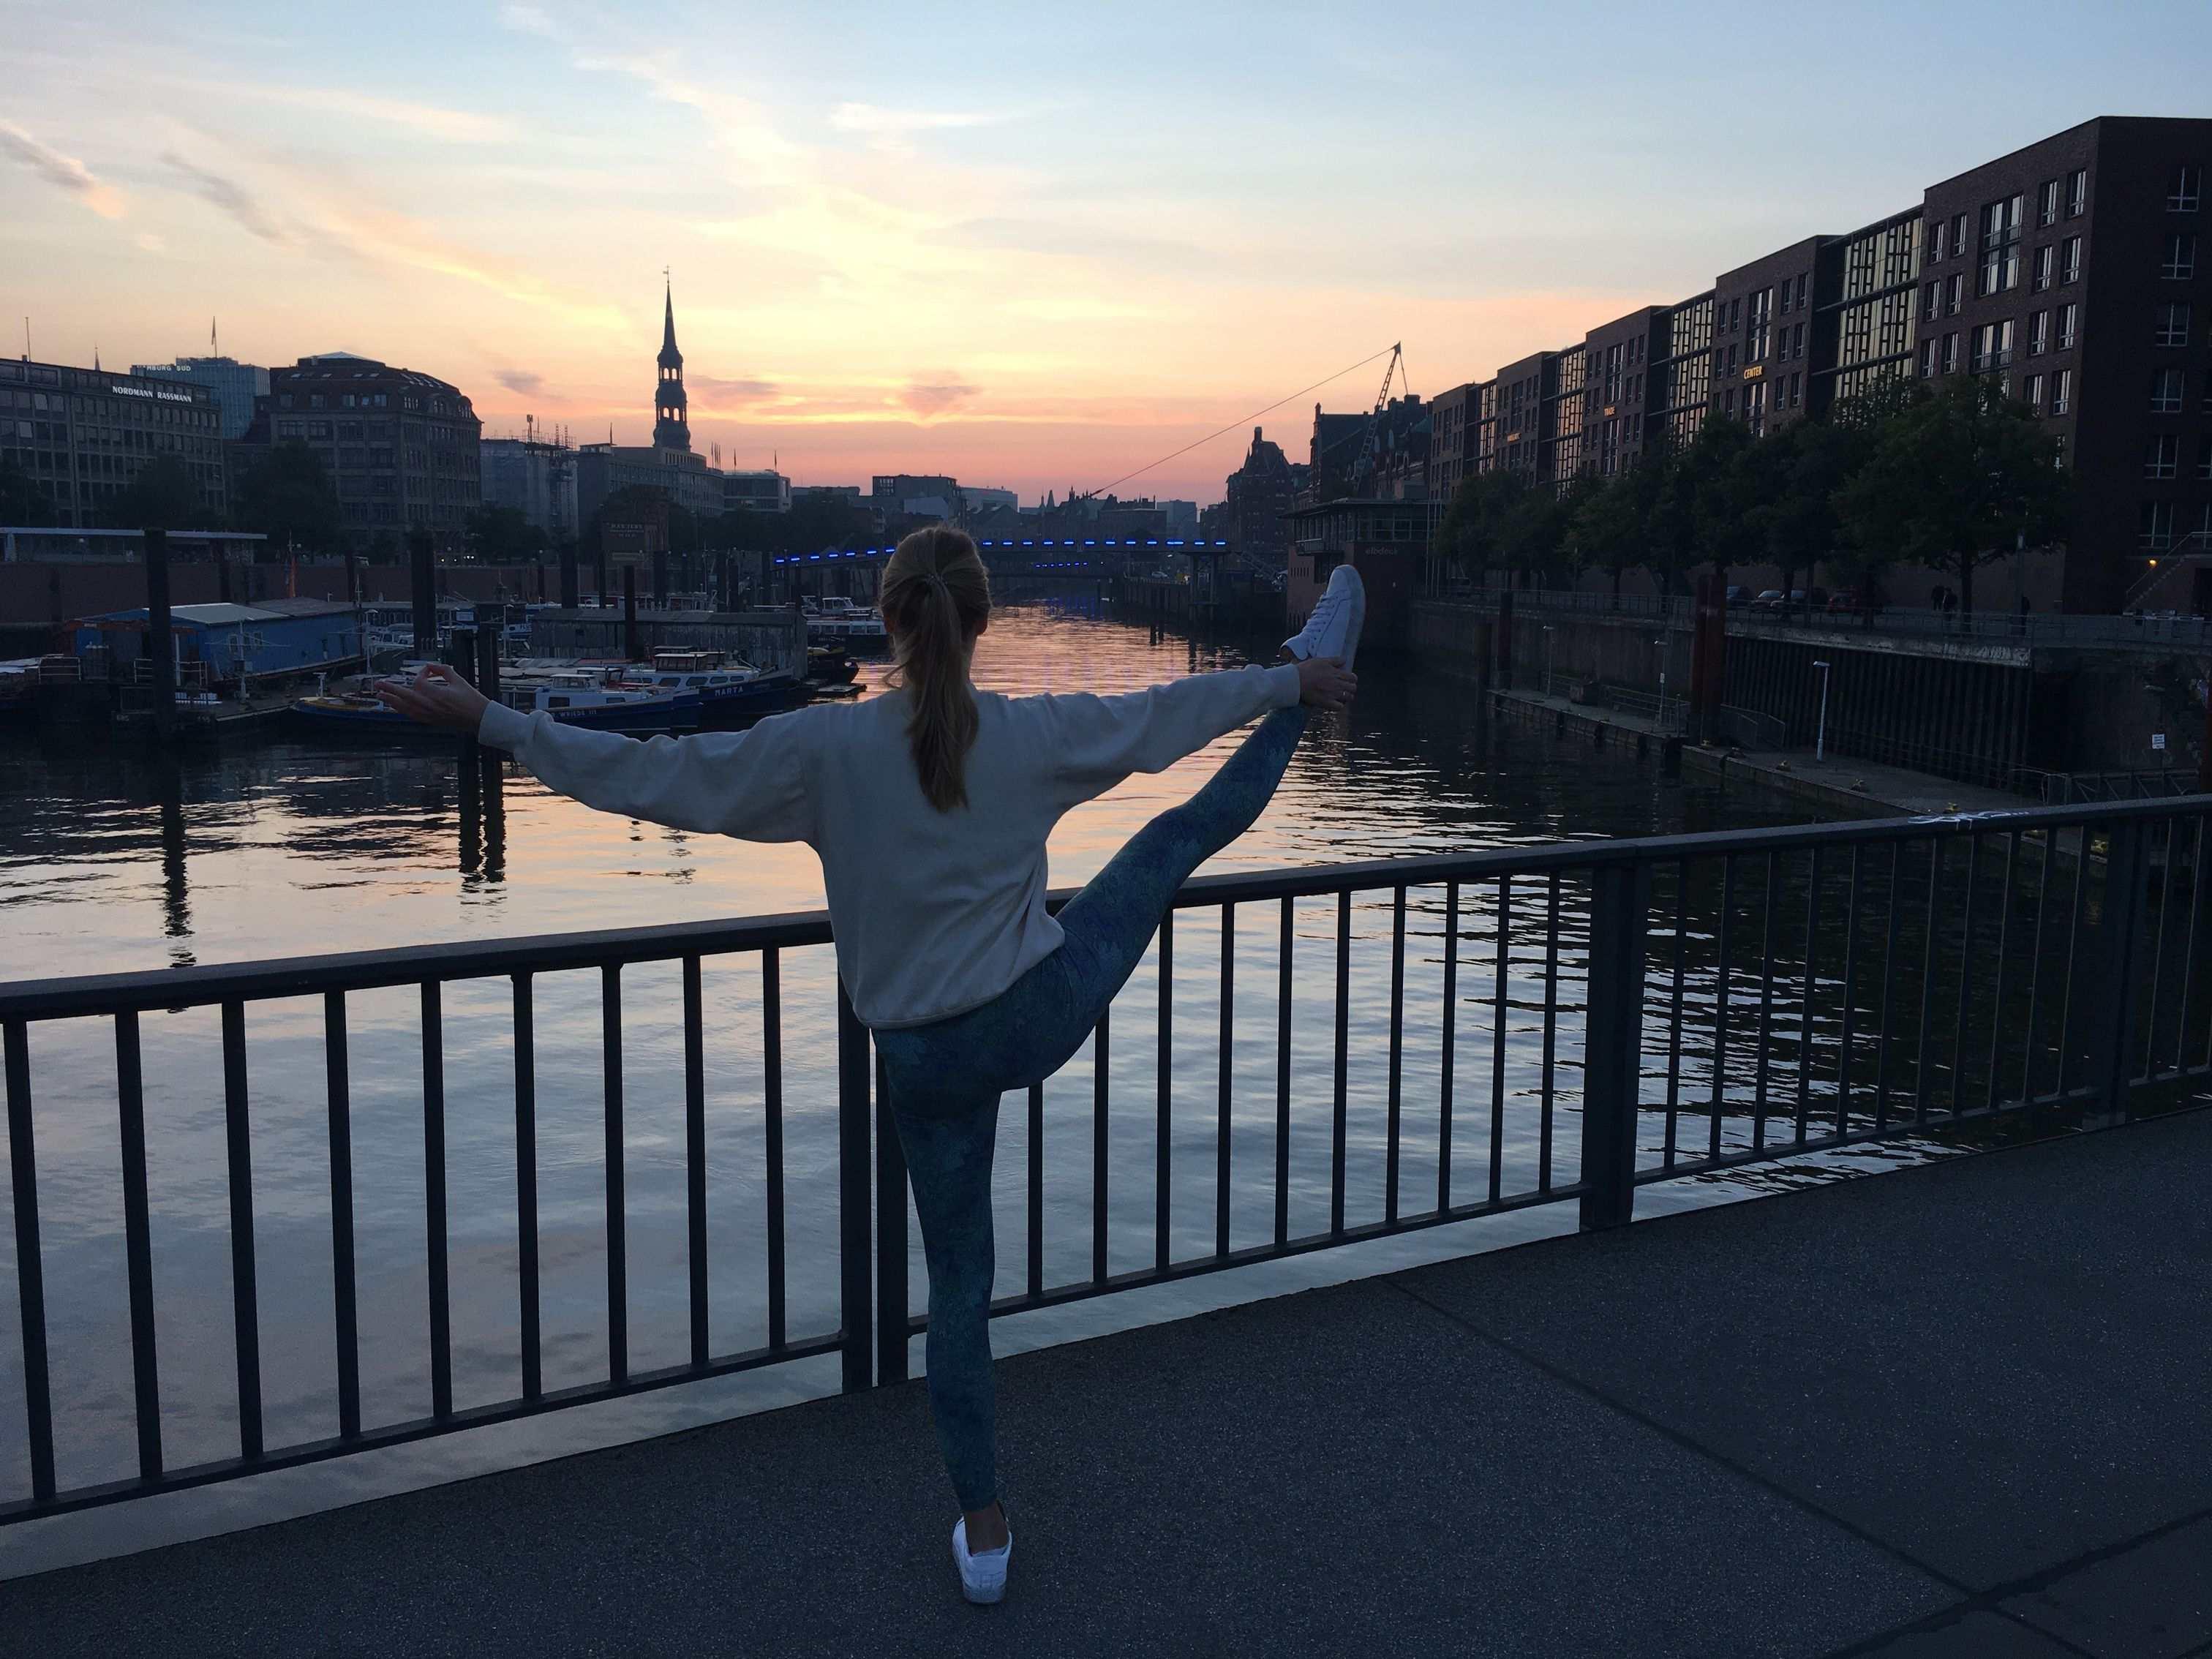 Persönliche_Entwicklung_Yoga_Heimat_Selbstliebe_Freiheit_Leben_Oh_Yes_Yoga